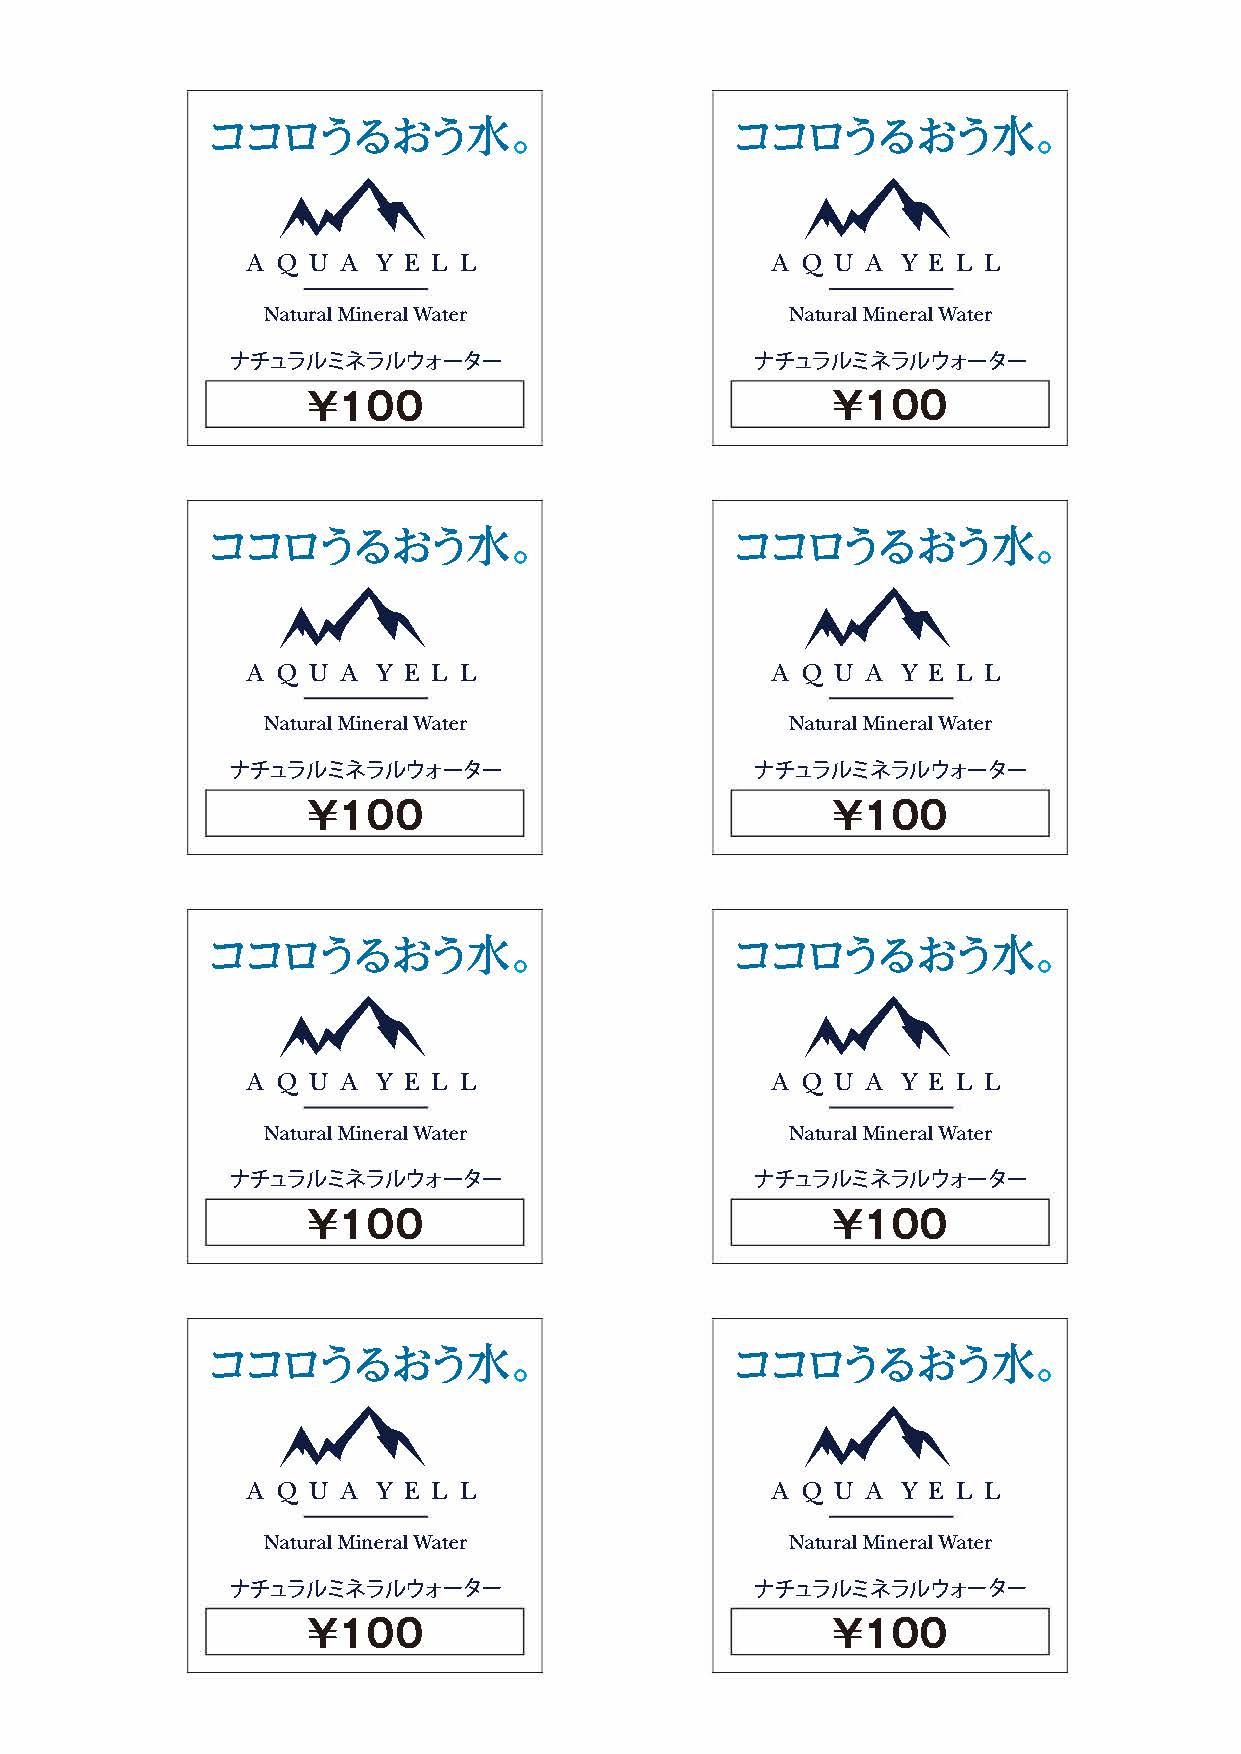 AQUA YEL/システム冷蔵庫(100円)